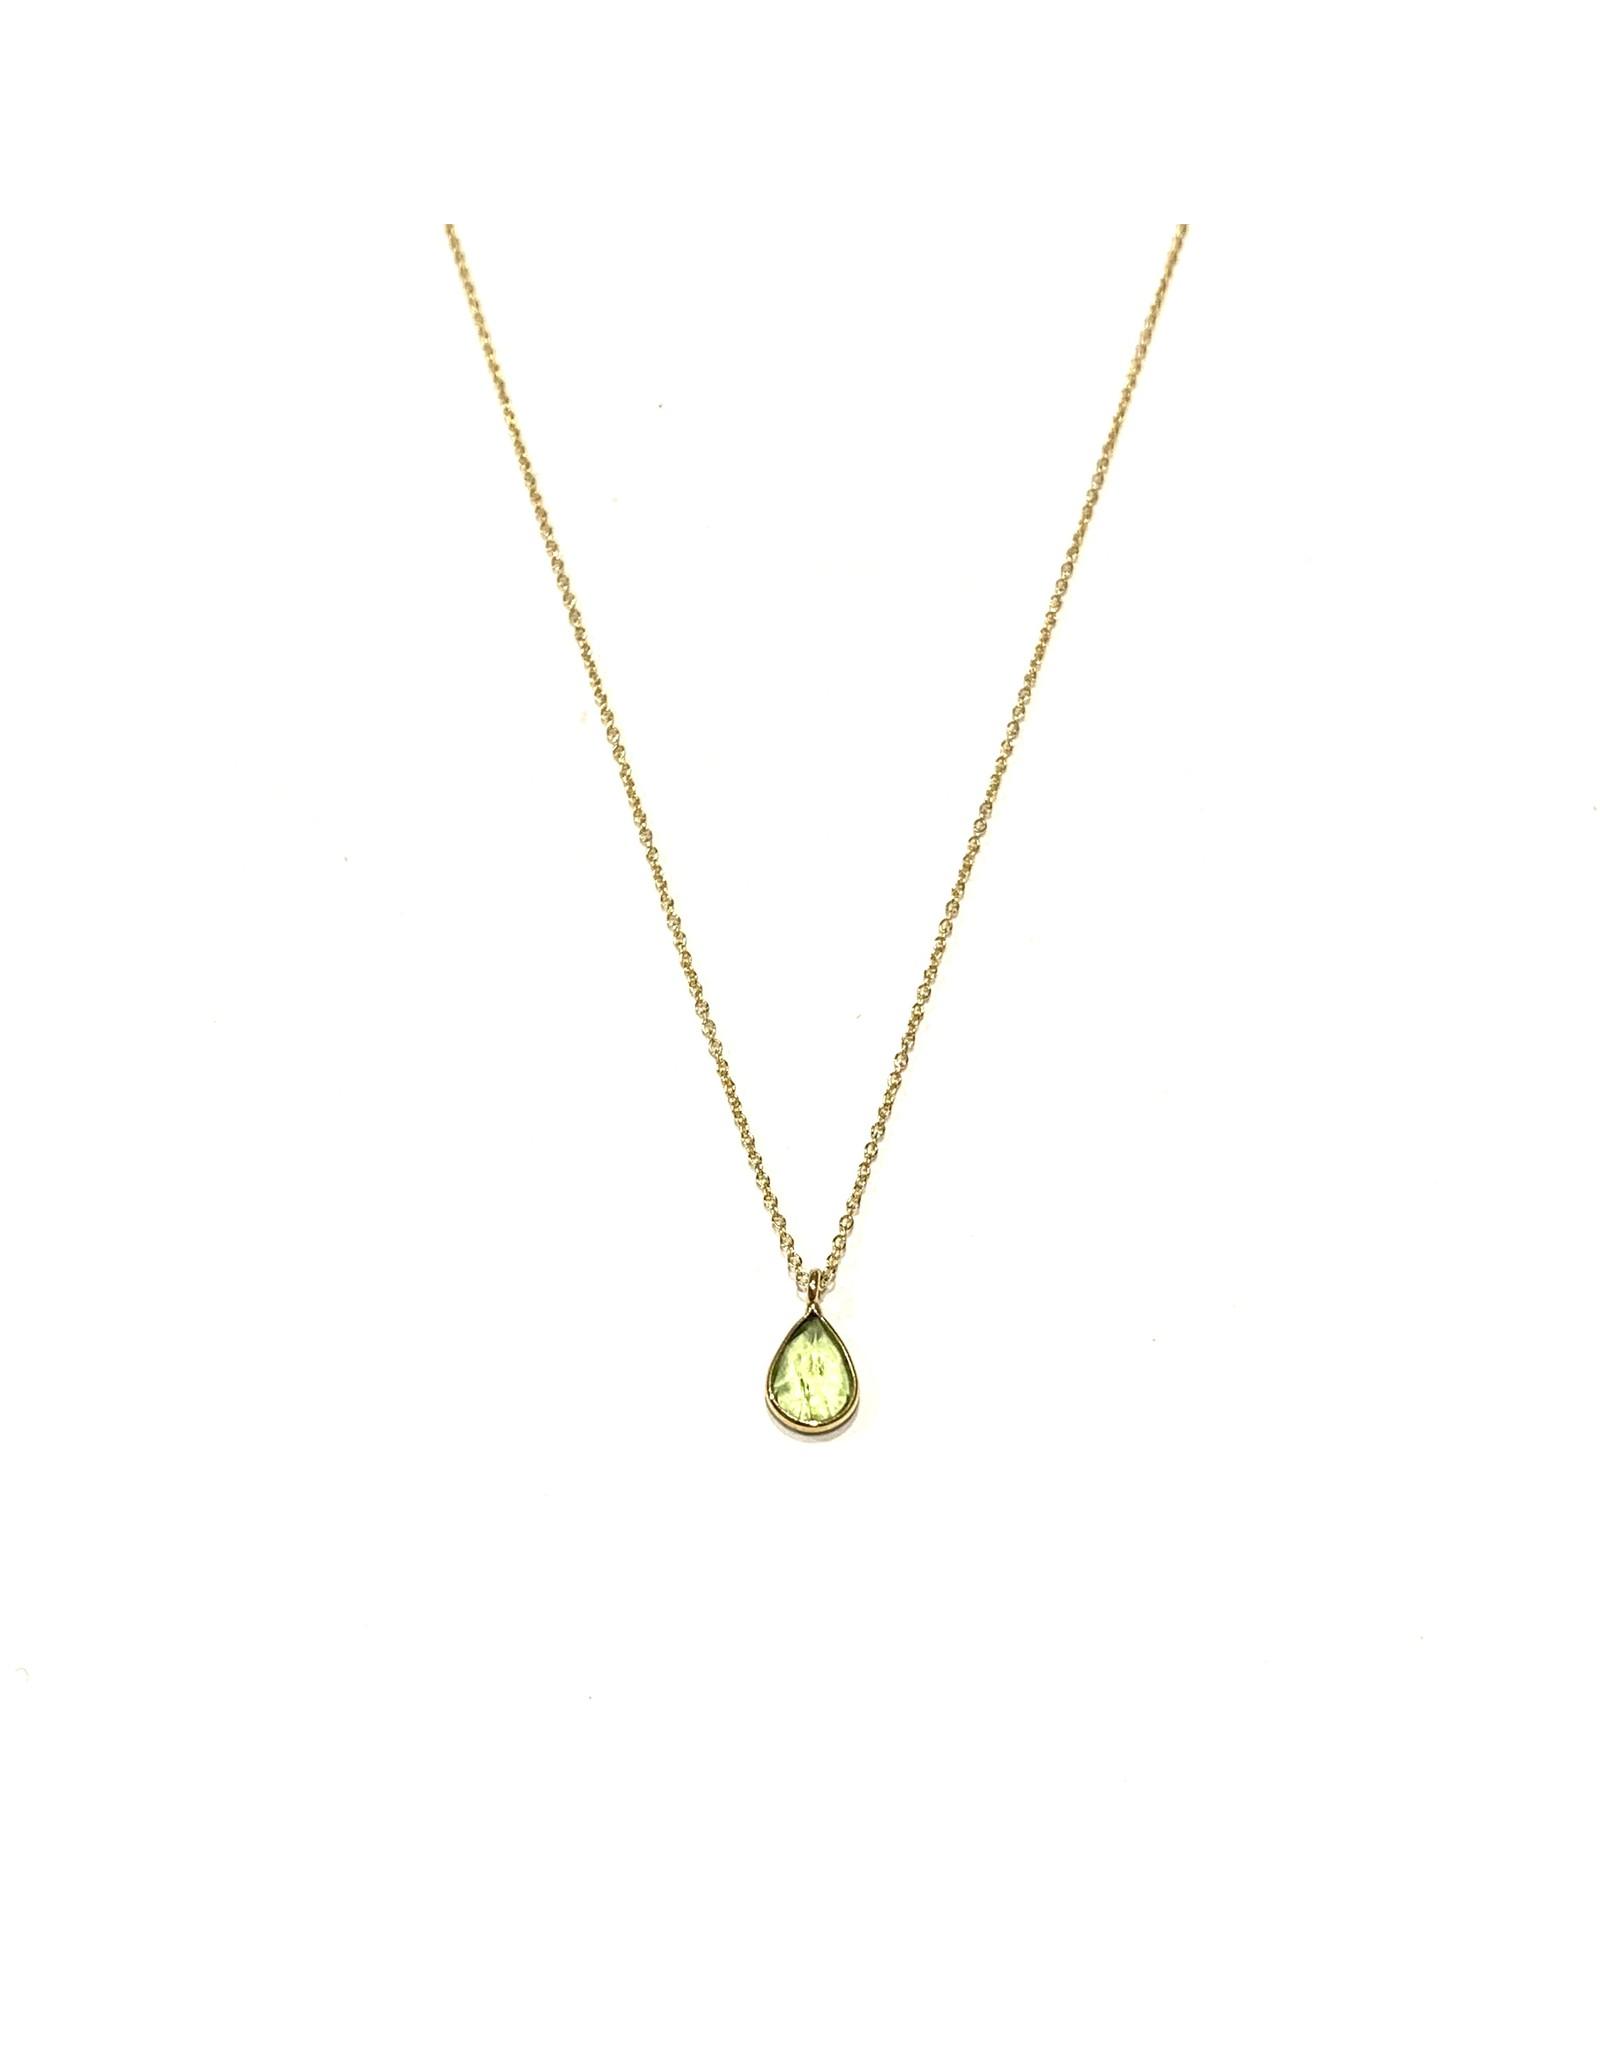 Bo Gold Ketting - Goud - Peridot